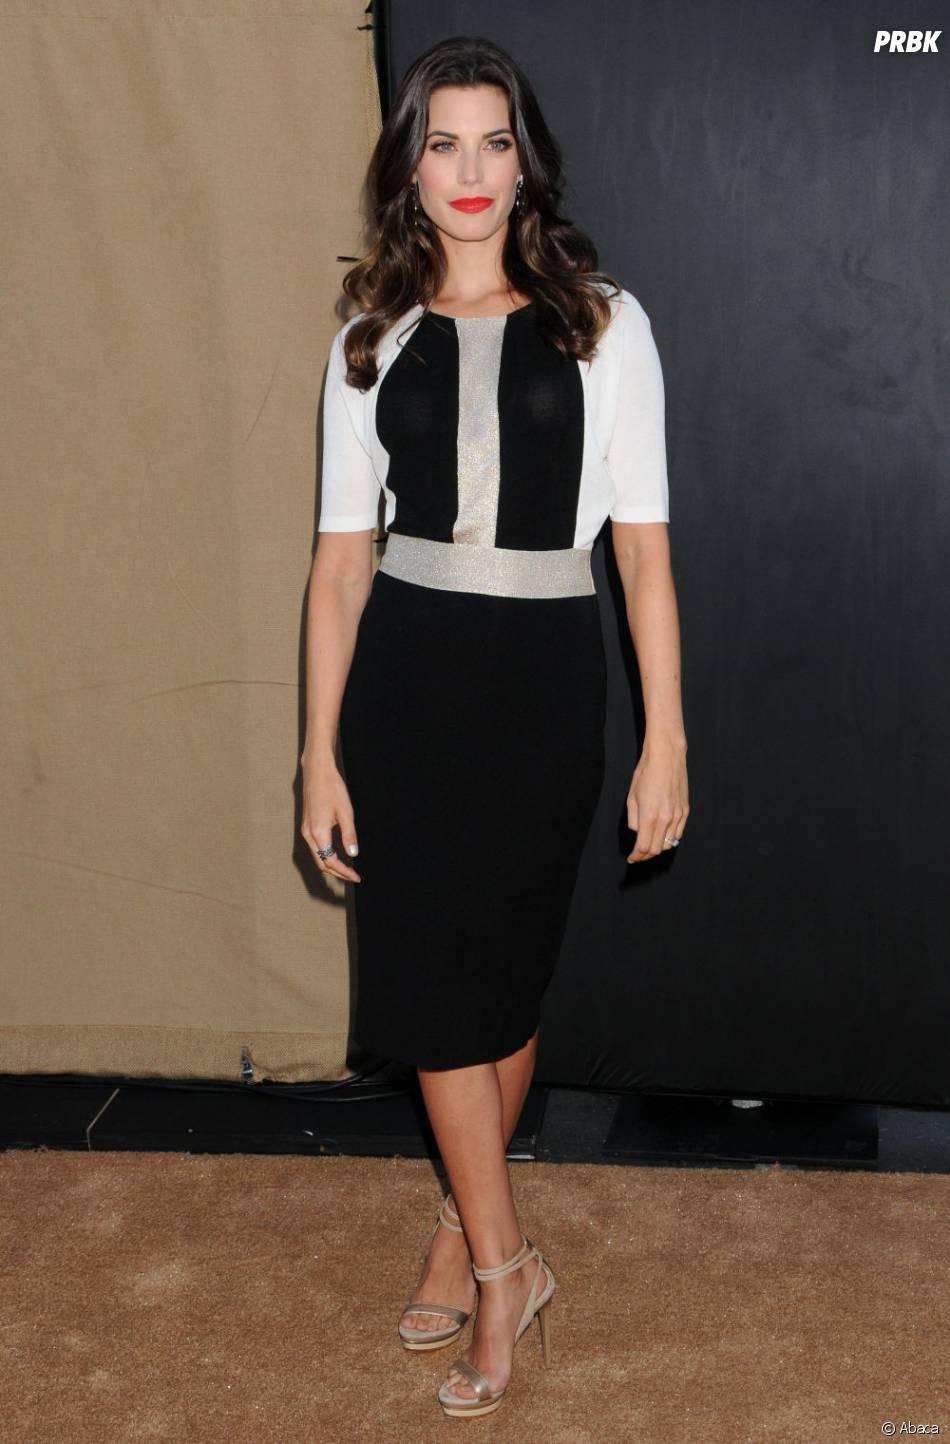 Meghan Ory aux TCA's de Los Angeles le 29 juillet 2013